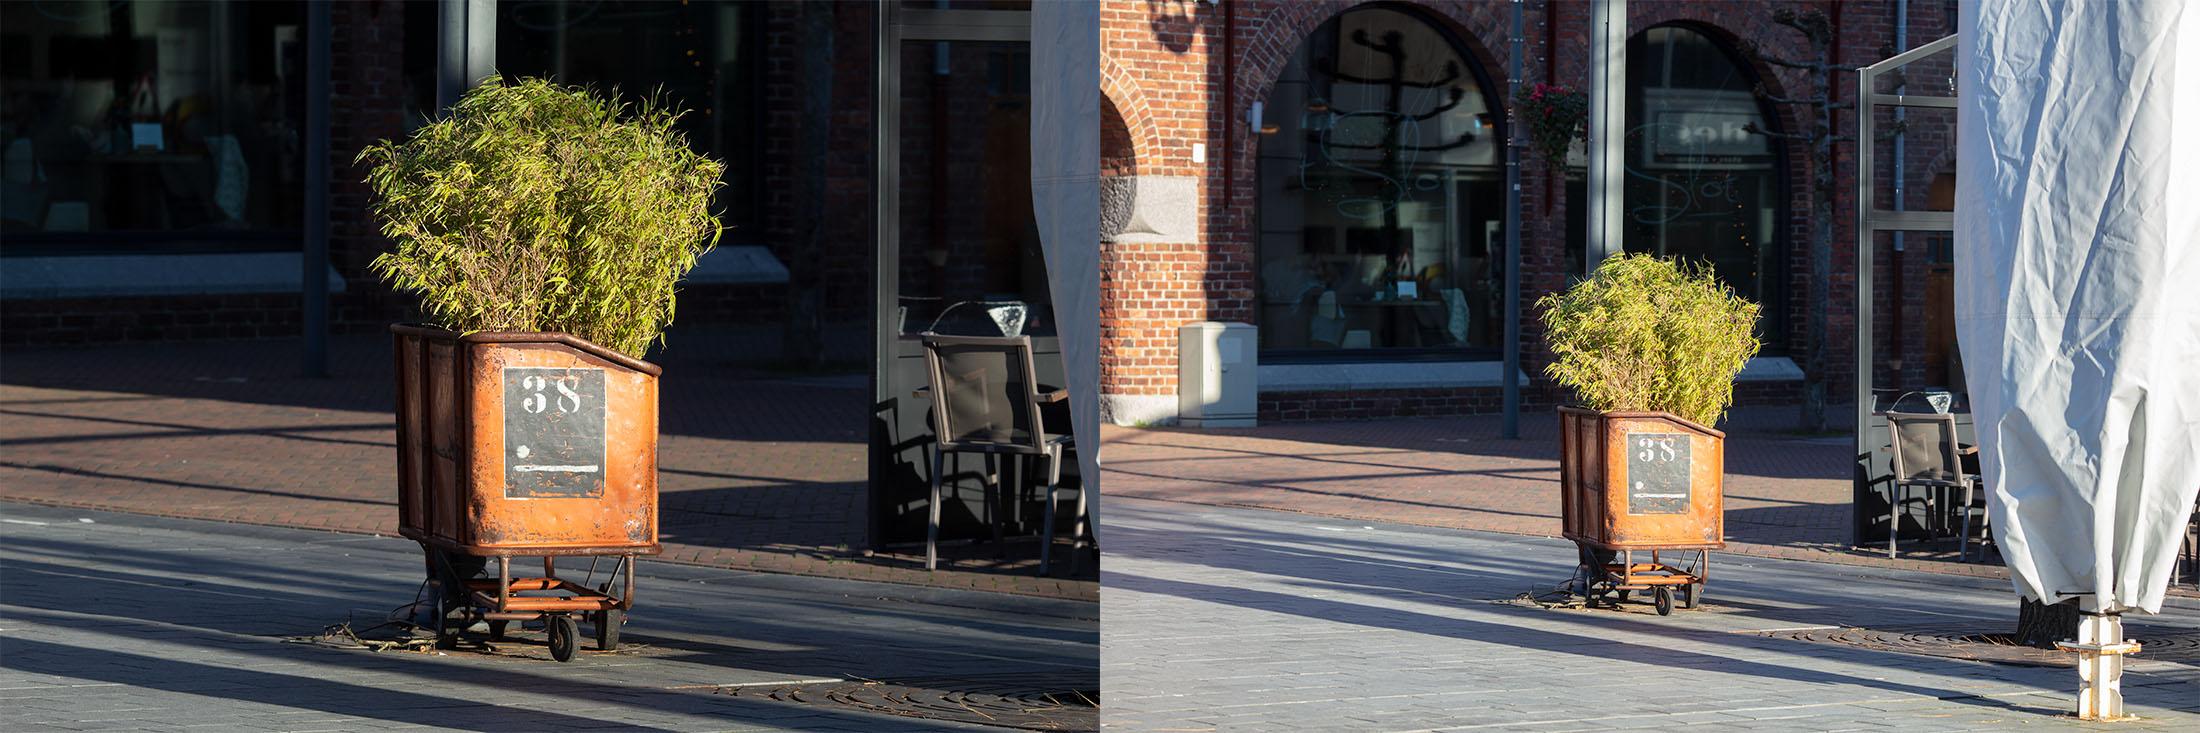 Het verschil met een tele-objectief bij een cropfactor en full frame